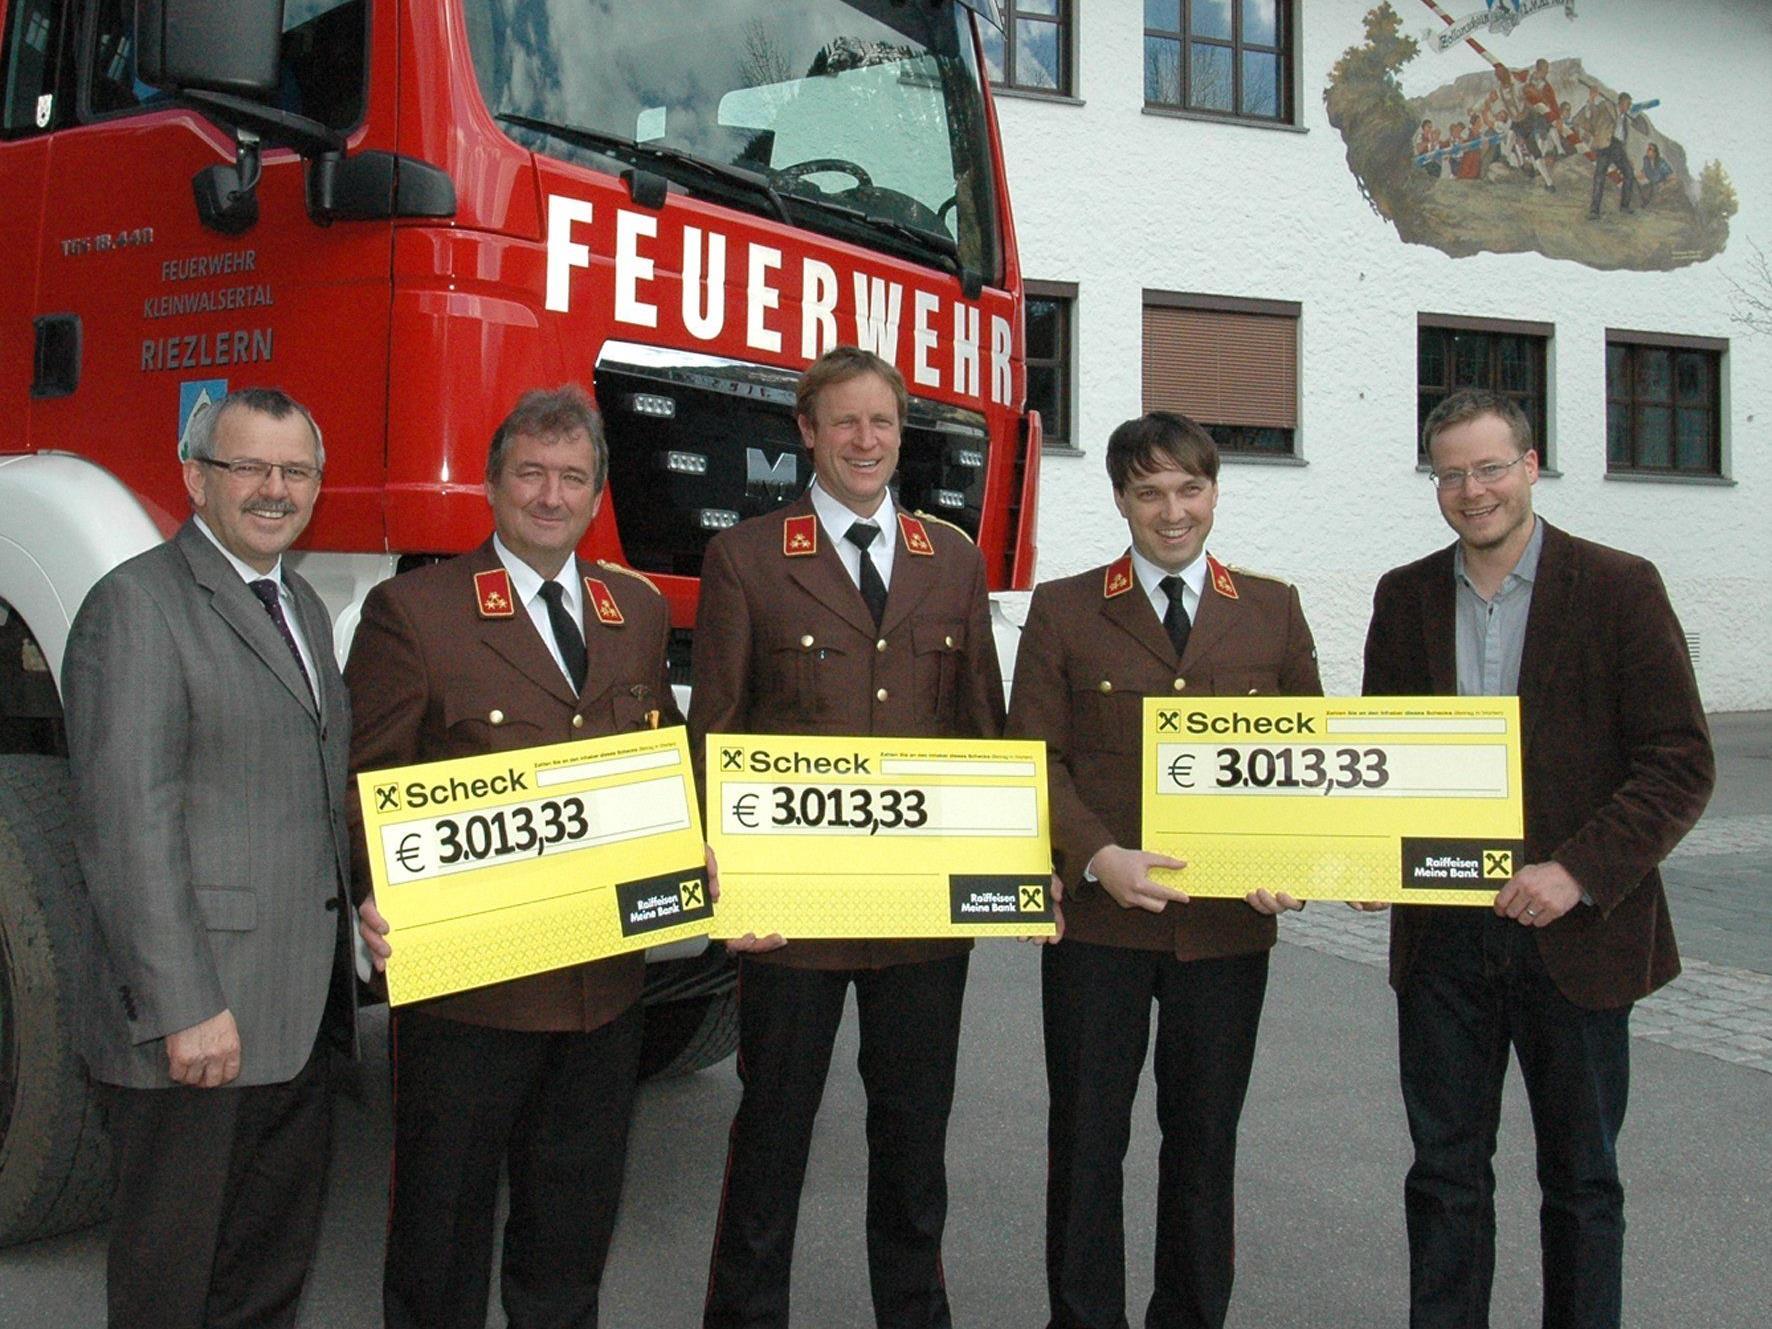 Bgm. Haid, Kdten. Schlegel, Moosbrugger, Duffner, Holding-Vorstand Müller